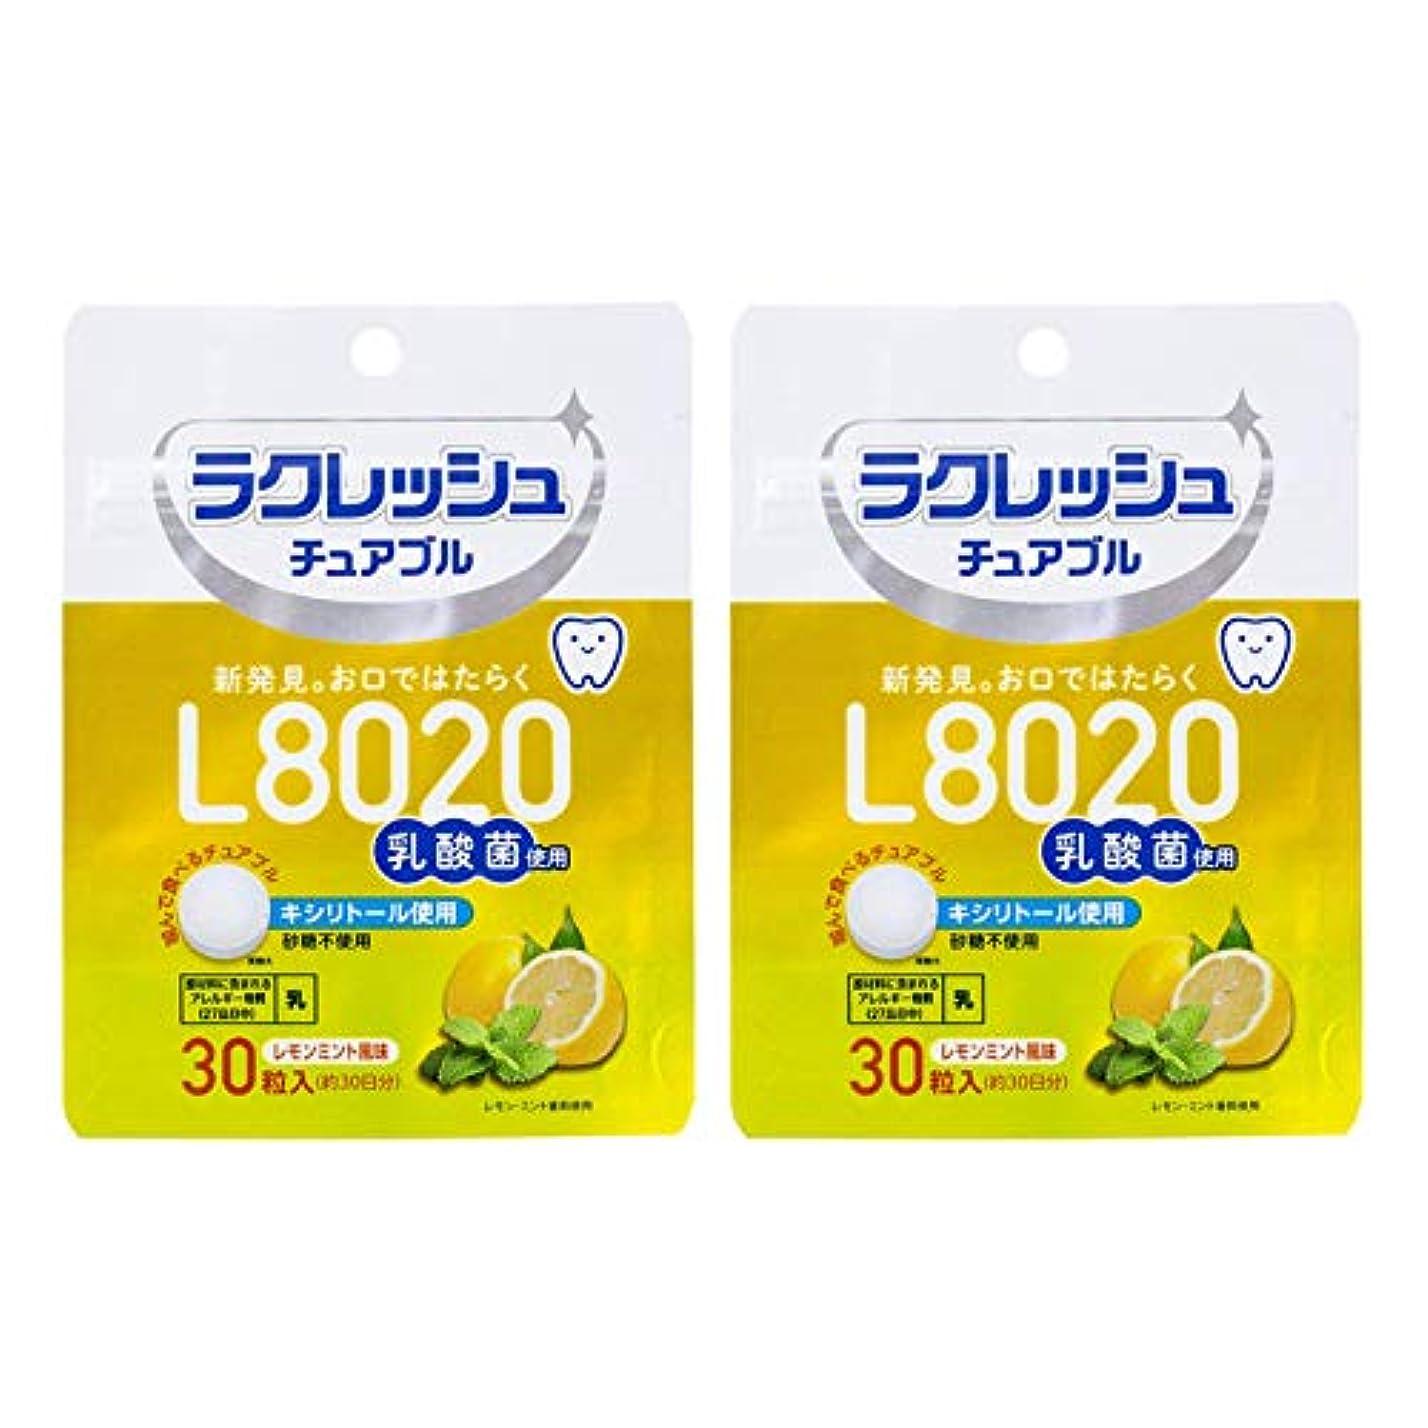 電気の福祉キノコラクレッシュ L8020 乳酸菌 チュアブル レモンミント風味 オーラルケア 30粒入×2袋